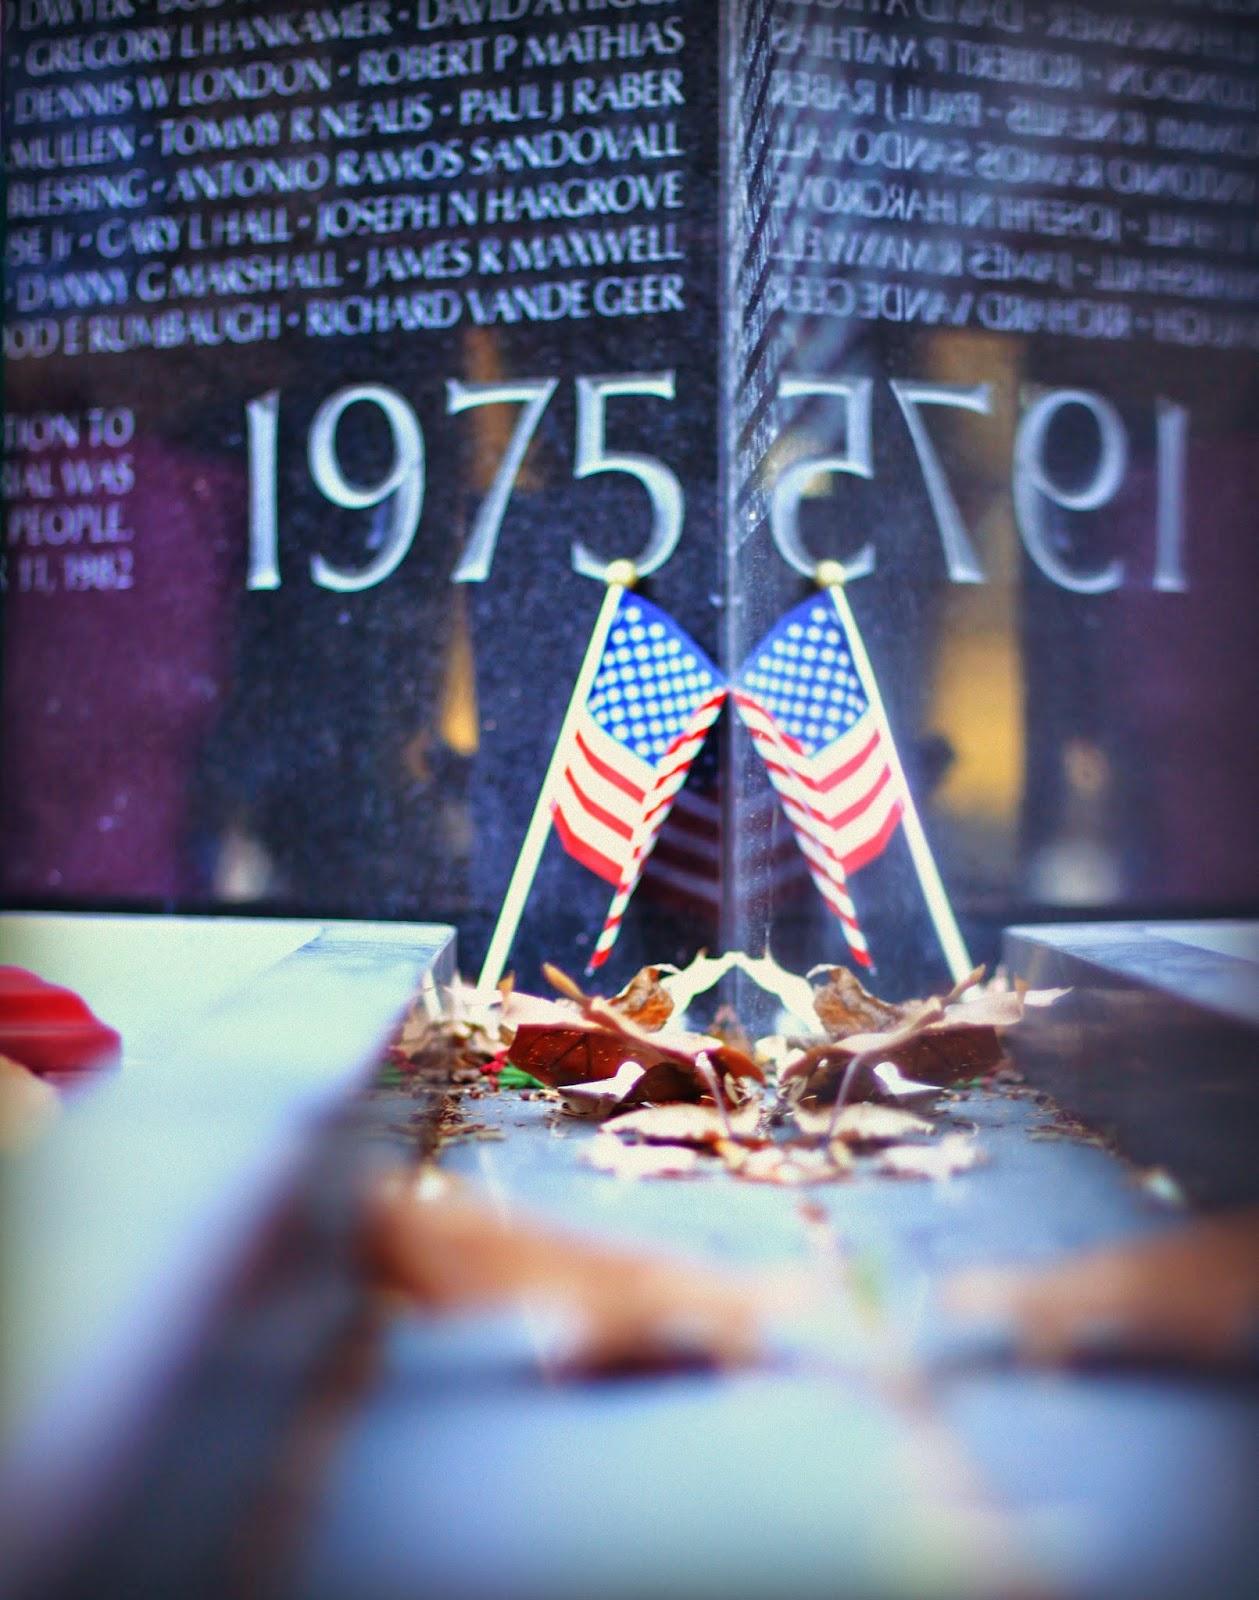 Vet War Memorial